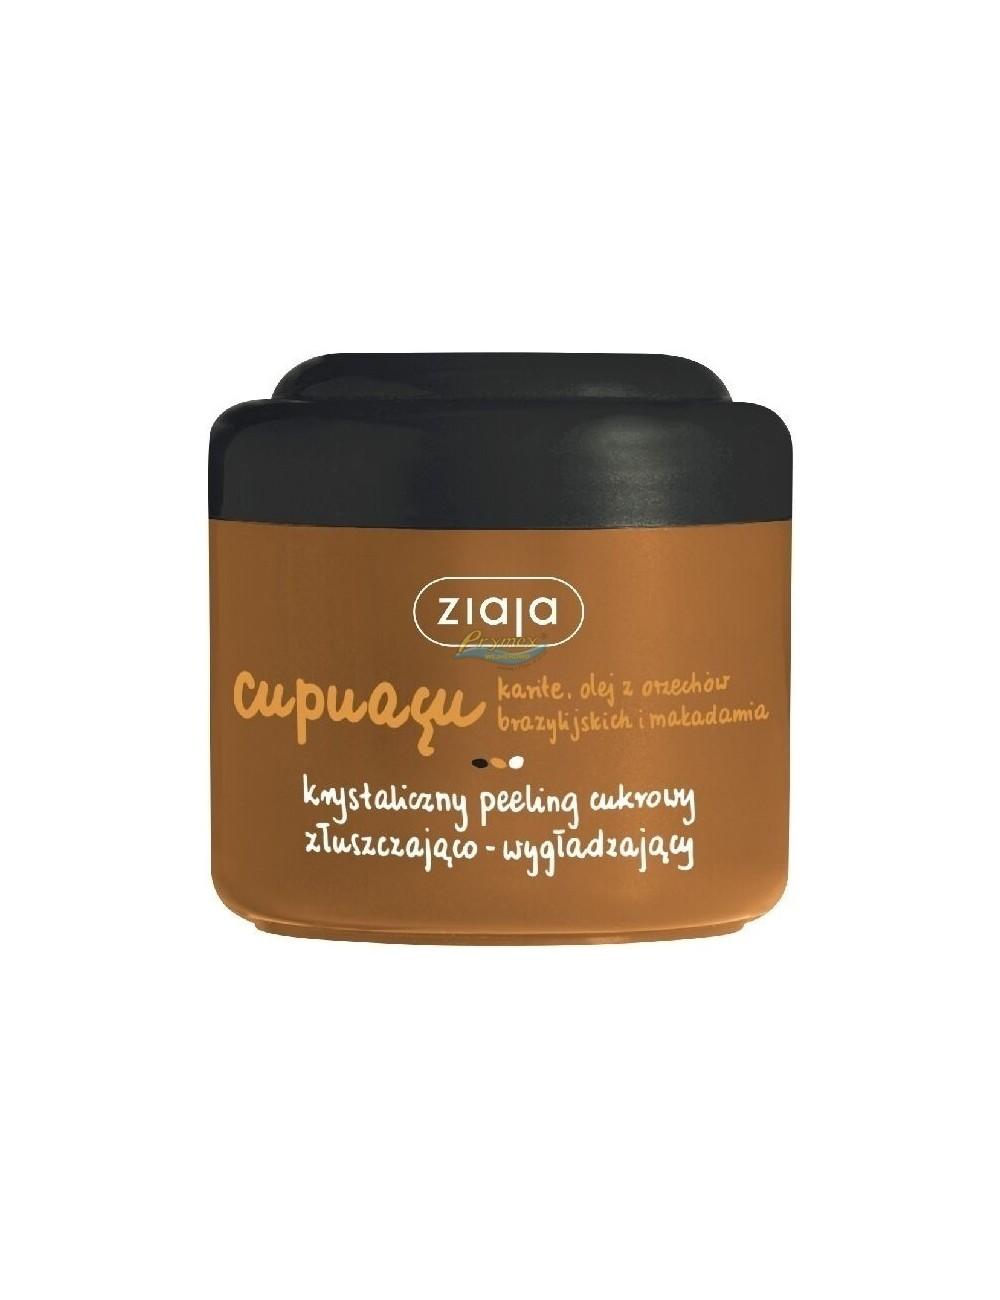 Ziaja Cupuacu Krystaliczny Peeling Cukrowy Złuszczająco-Wygładzający 200 ml